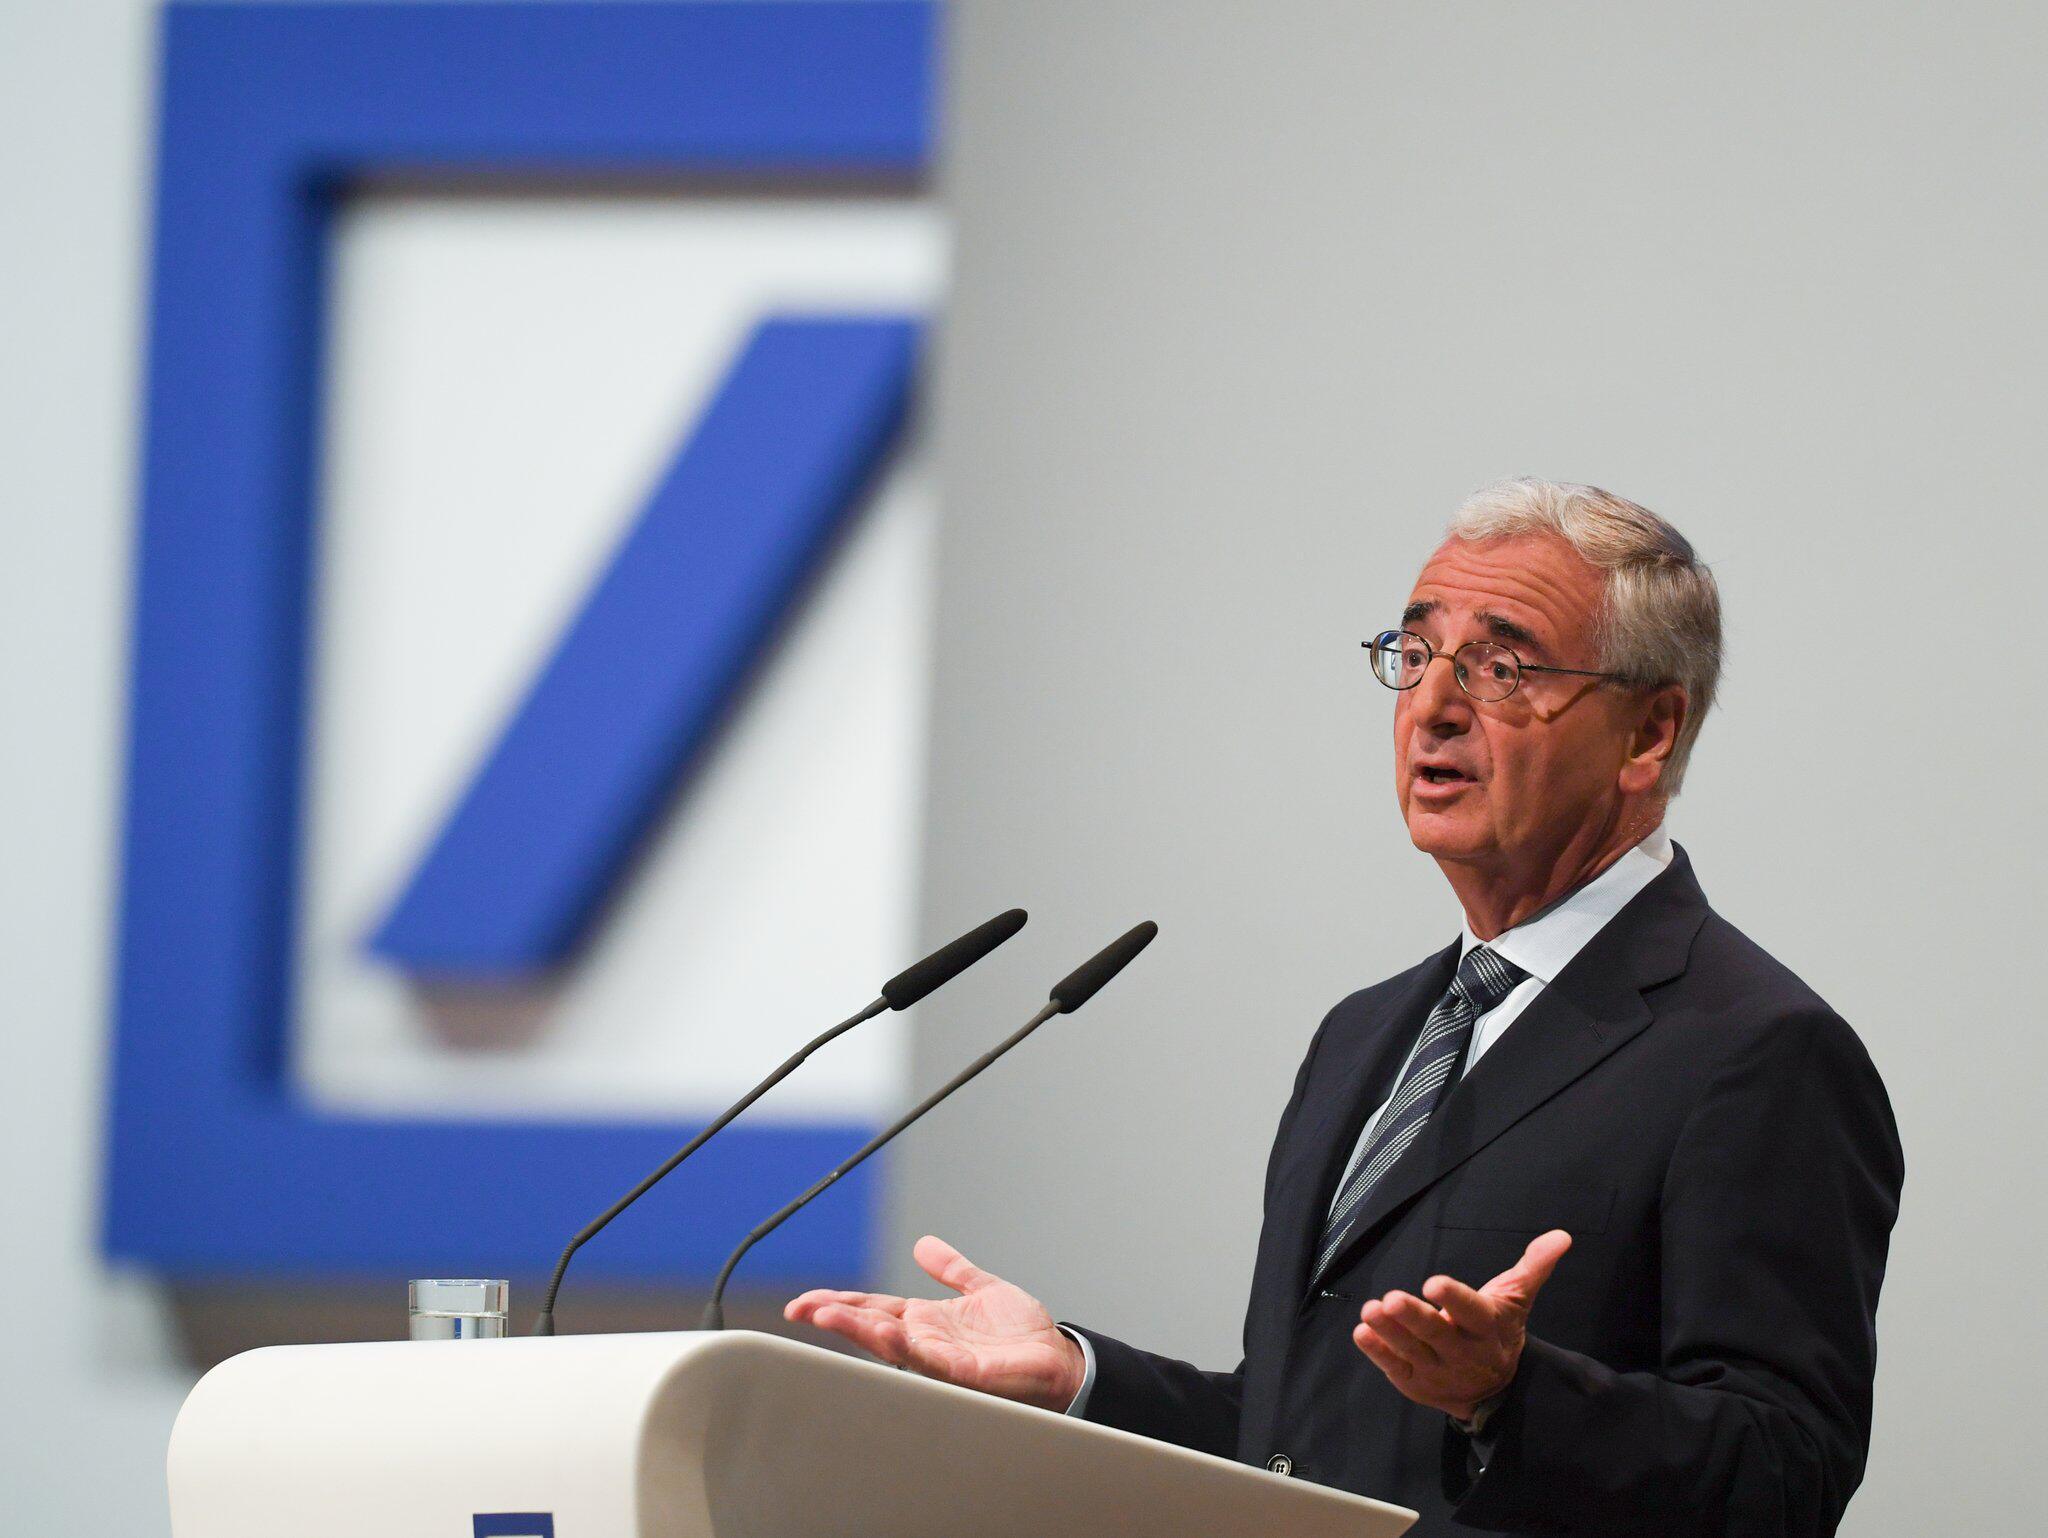 Bild zu Deutsche Bank, Jahreshauptversammlung, Paul Achleitner, Aufsichtsratsvorsitzender, Rede